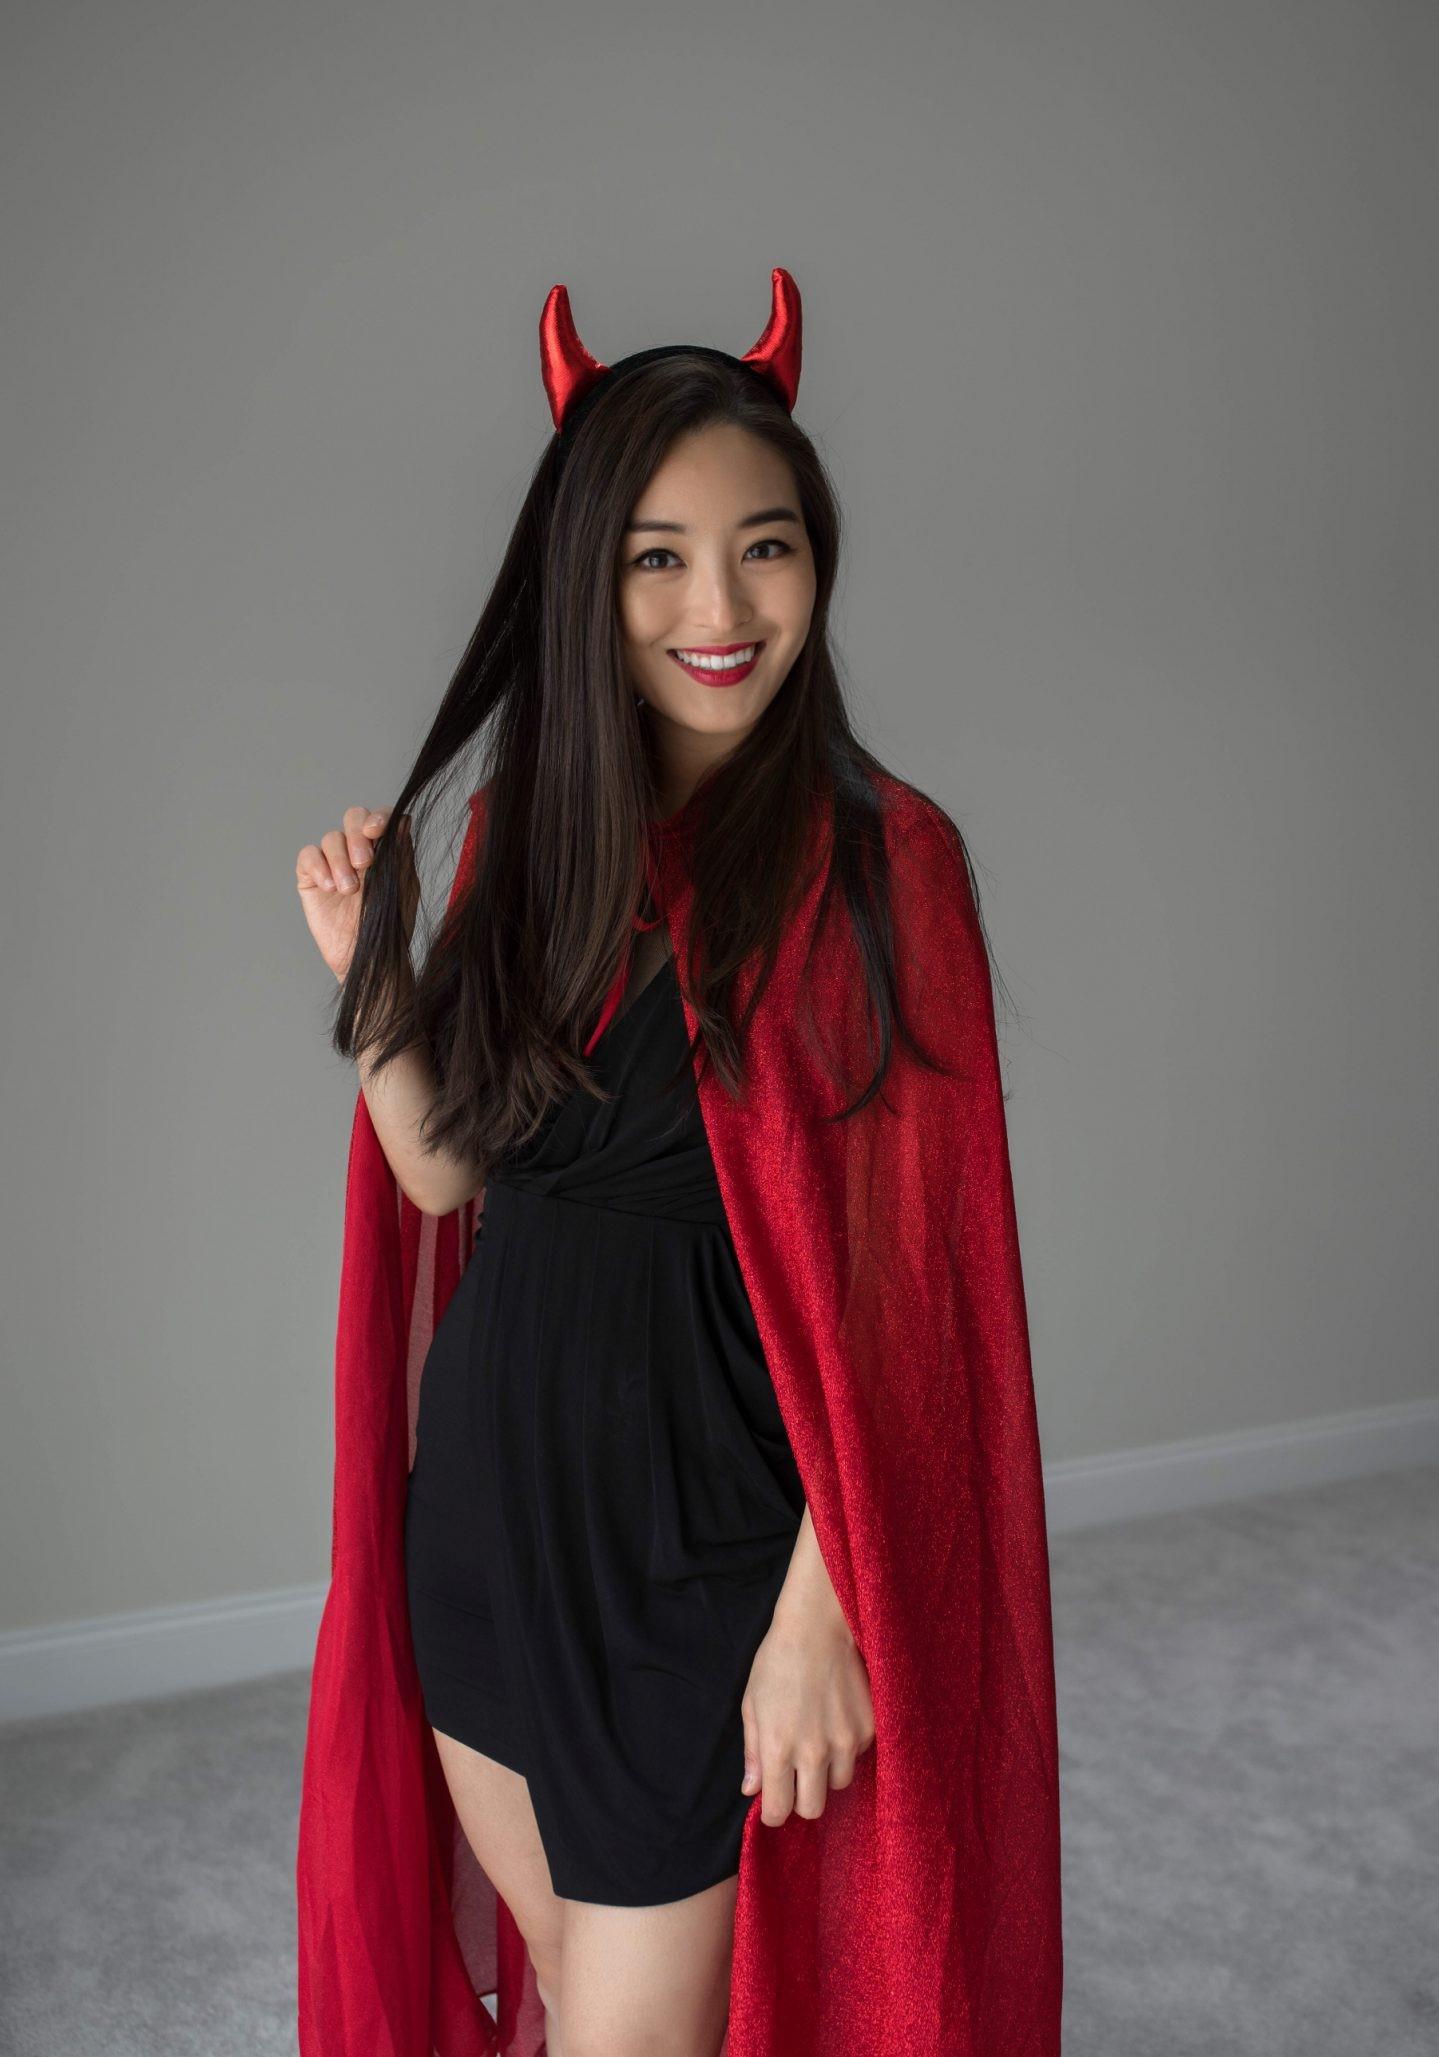 Costume d'Halloween original.